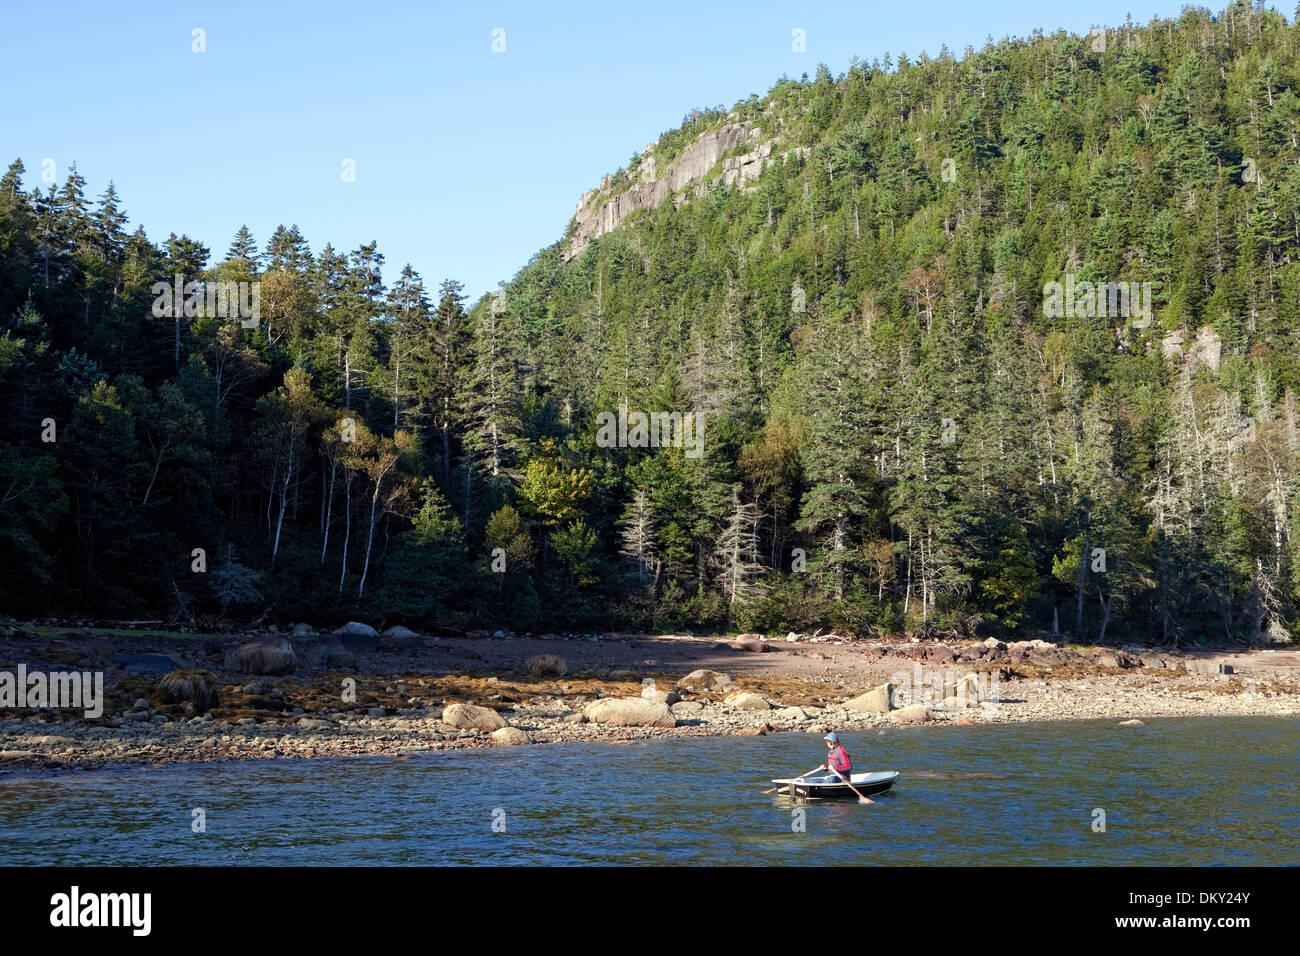 Il canottaggio a riva, Valle Cove, Somes Sound, isola di Mount Desert, Parco Nazionale di Acadia, Maine Immagini Stock